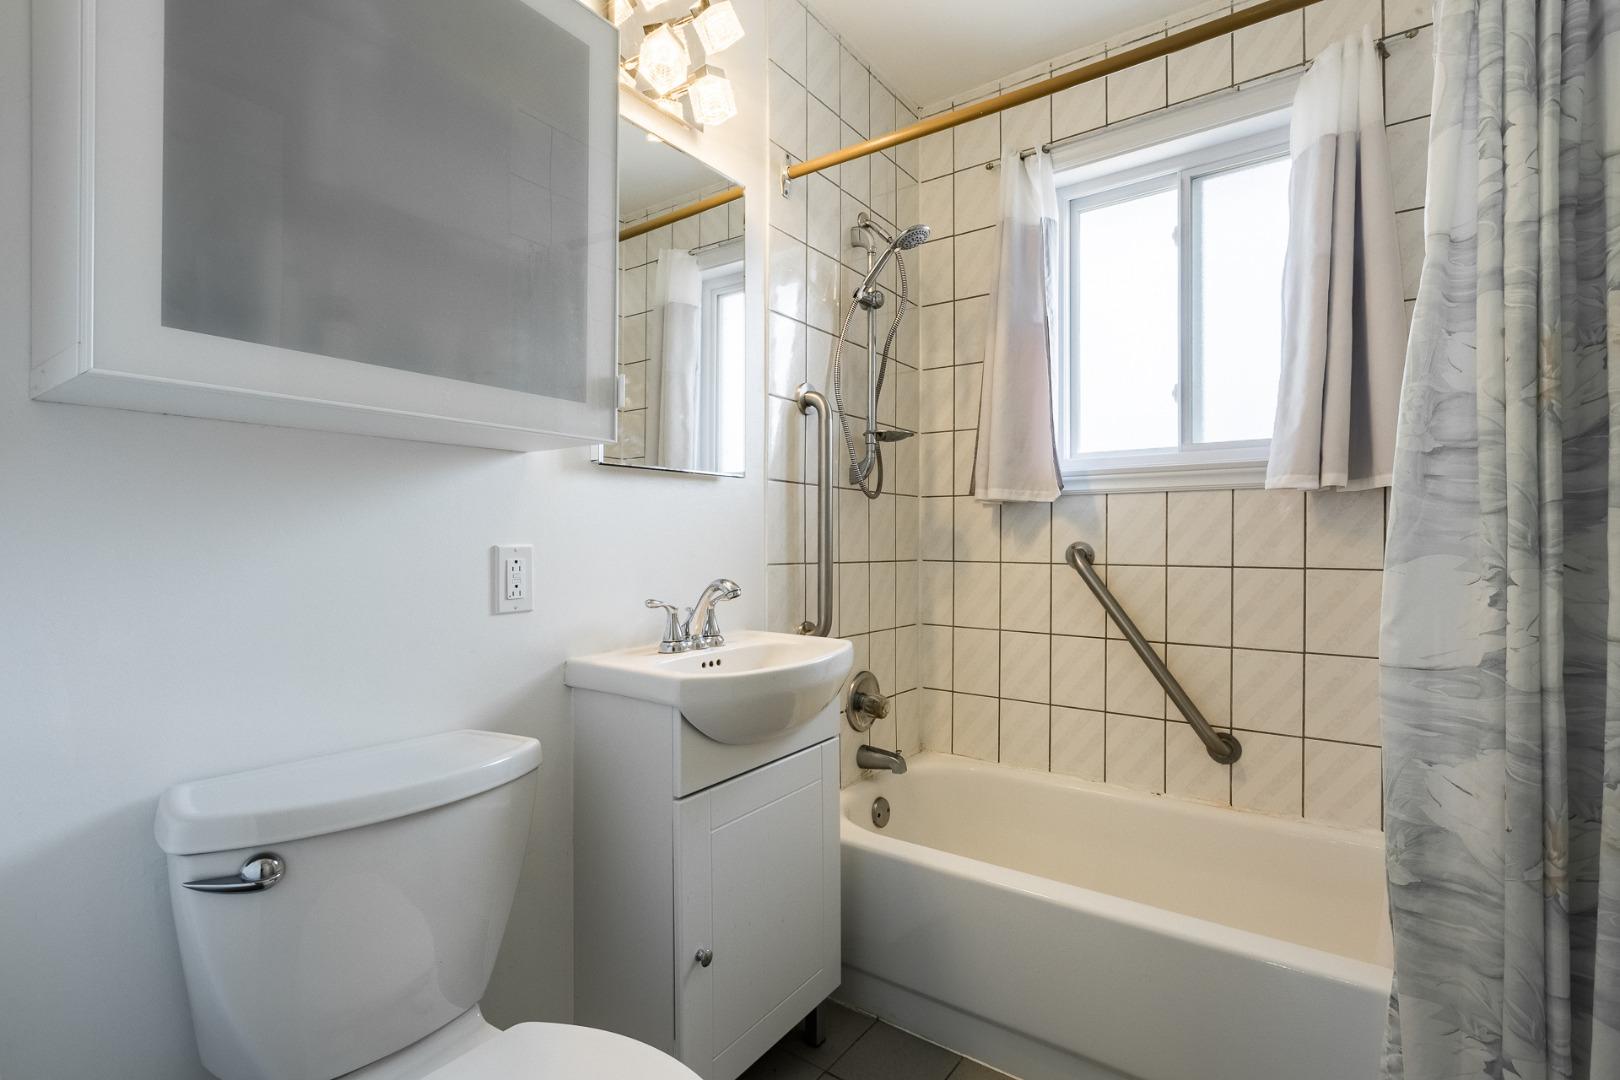 Maison à vendre_-_4351_rue_gilles_-_pierrefonds_-_steve_rouleau_-_al14.jpg